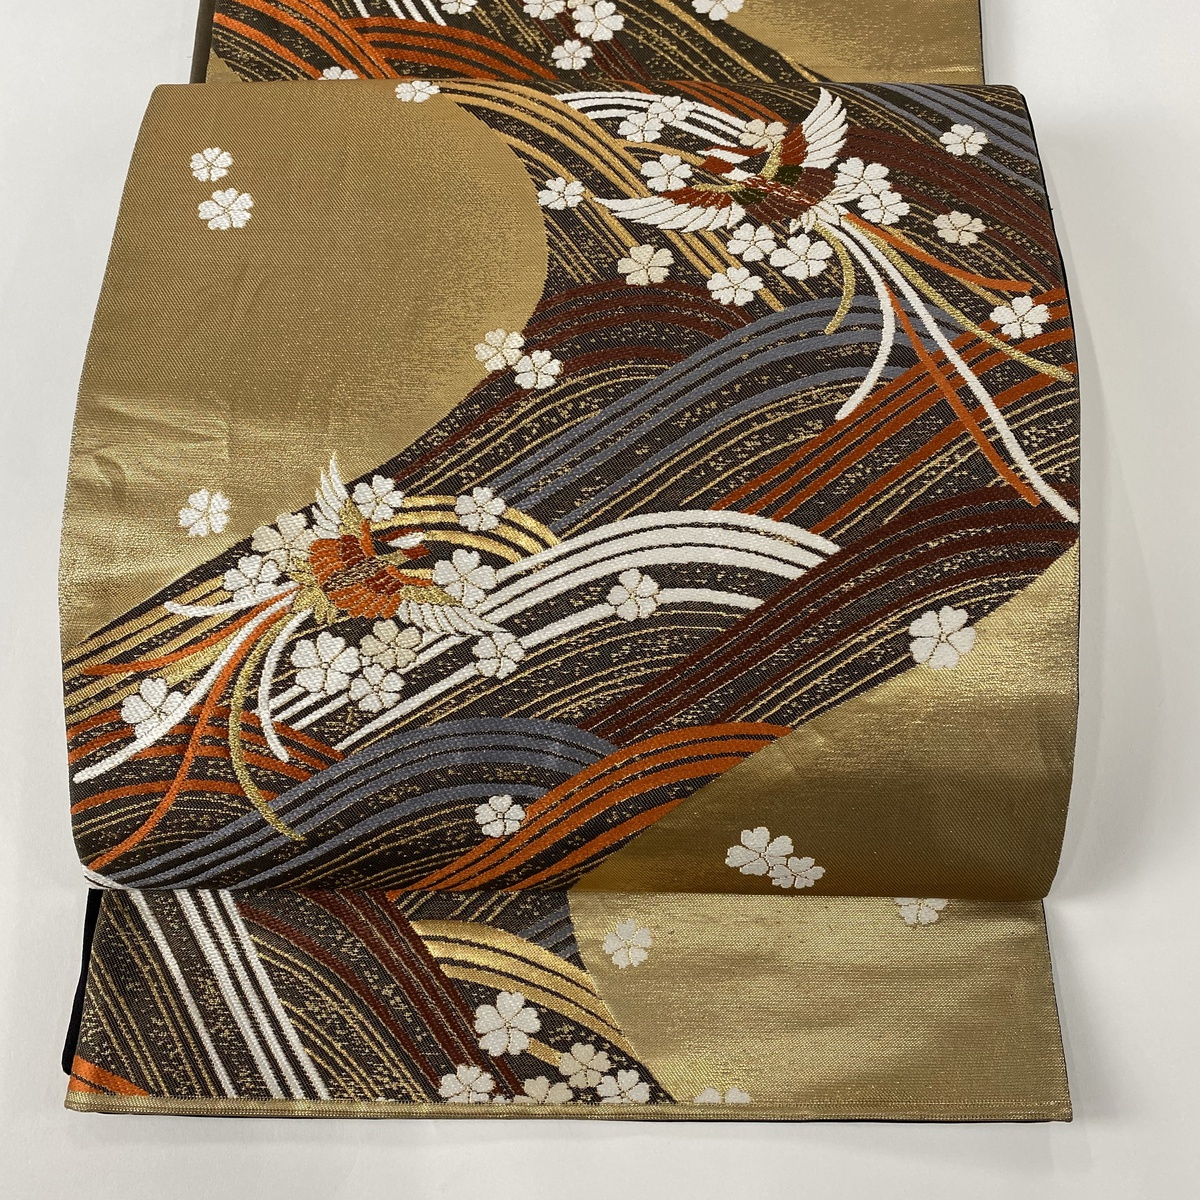 袋帯 美品 秀品 鳳凰 波 箔 金色 六通 正絹 【中古】